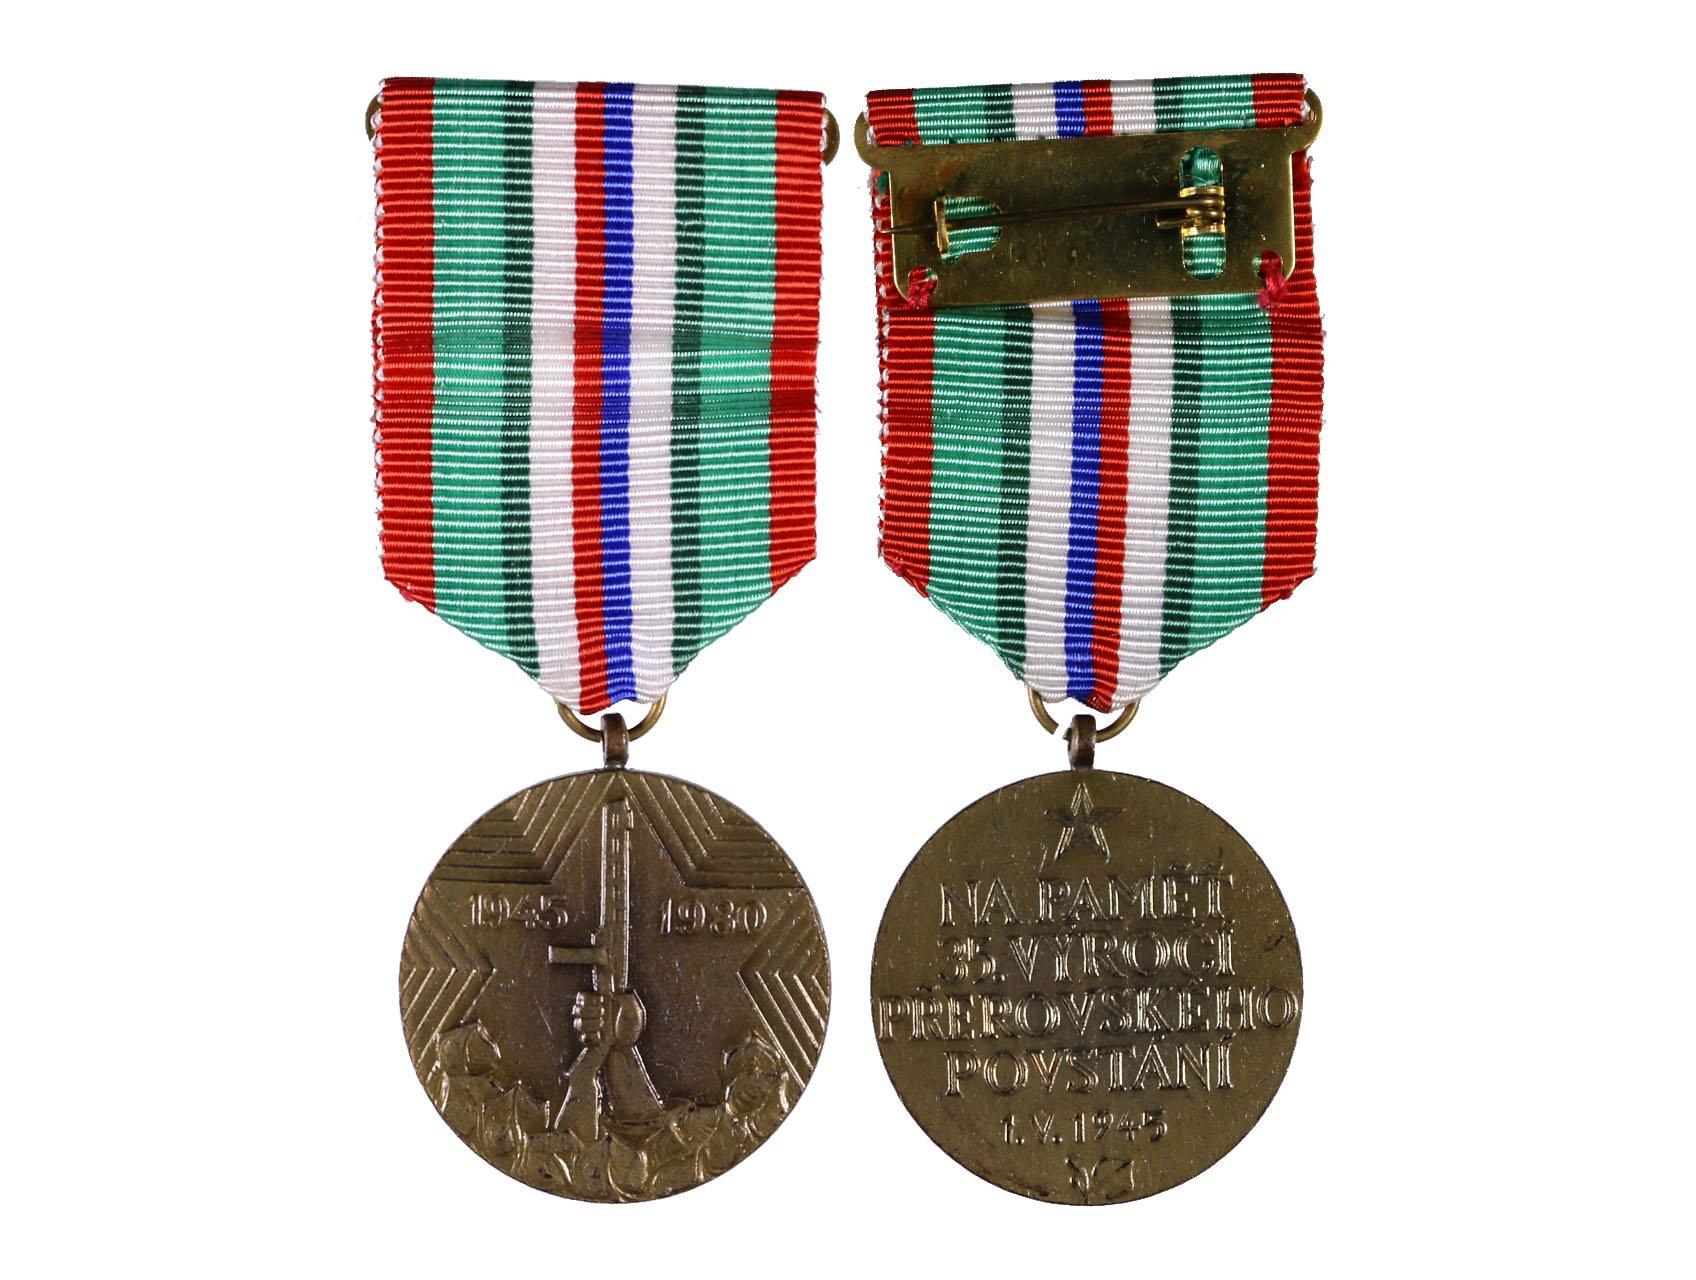 Pamětní medaile I. partyzánské brigády Jana Žižky z Trocnova , Přerovské povstání, VM 133a